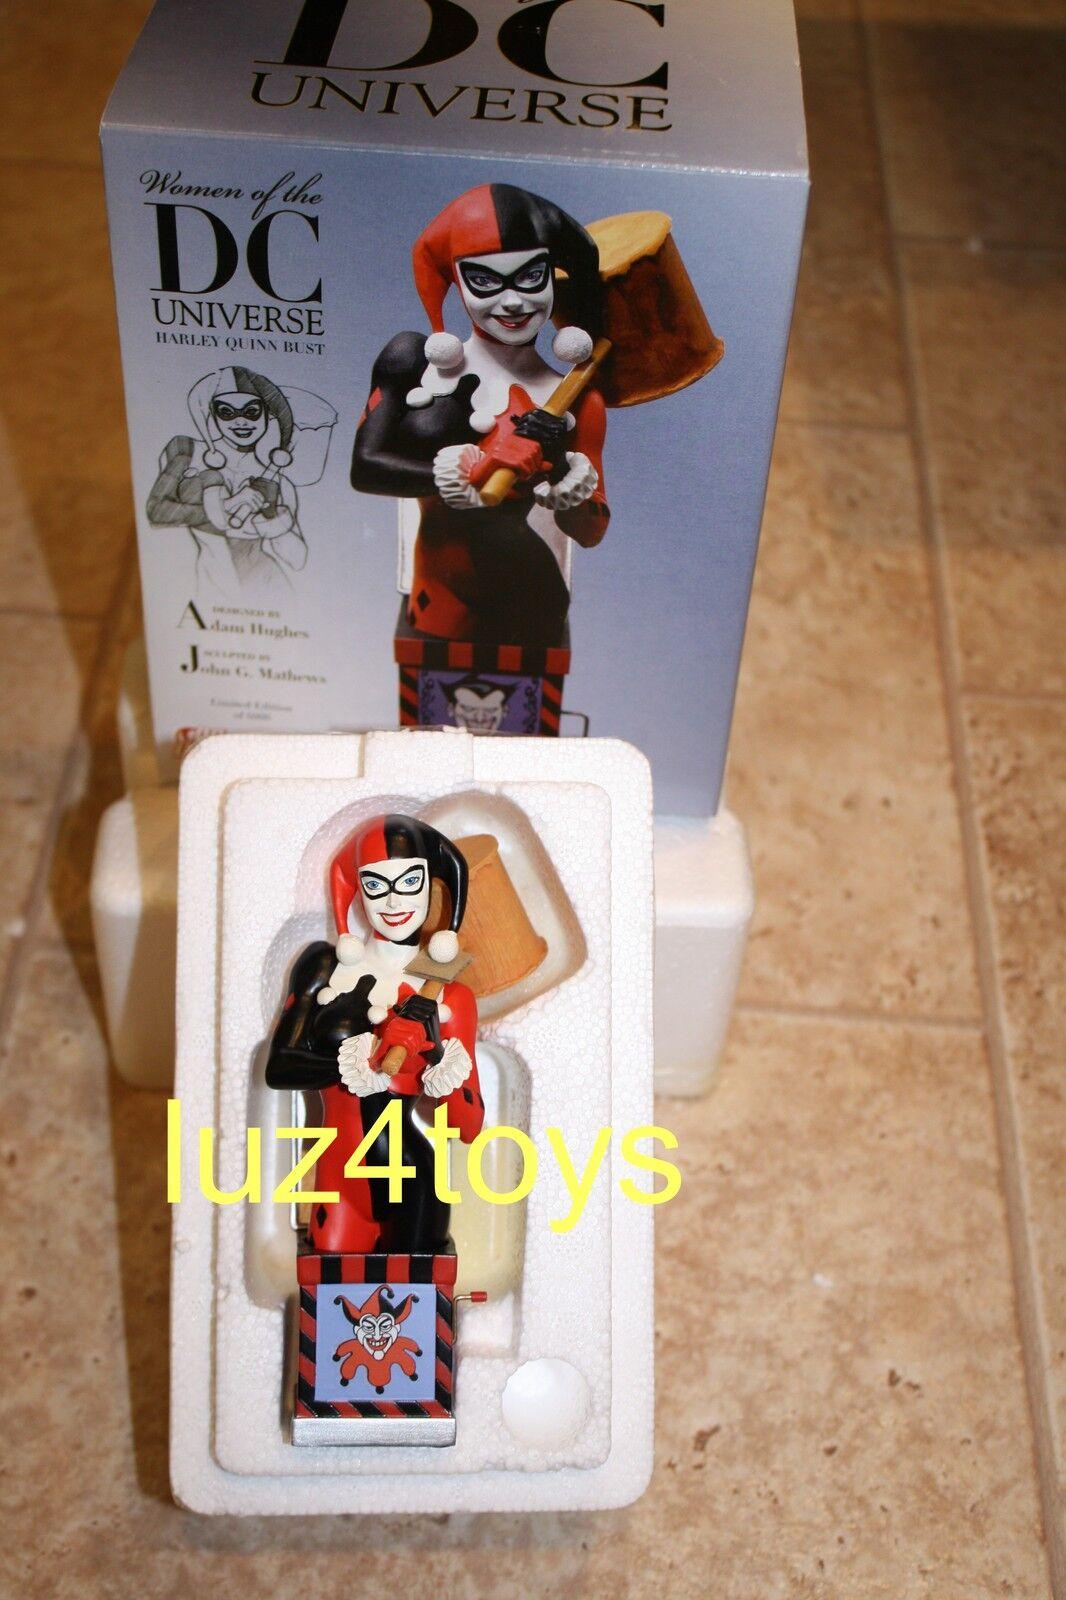 Dc Direct mujeres de la Dc Universe Harley Quinn Busto Series1 Adam Hughes